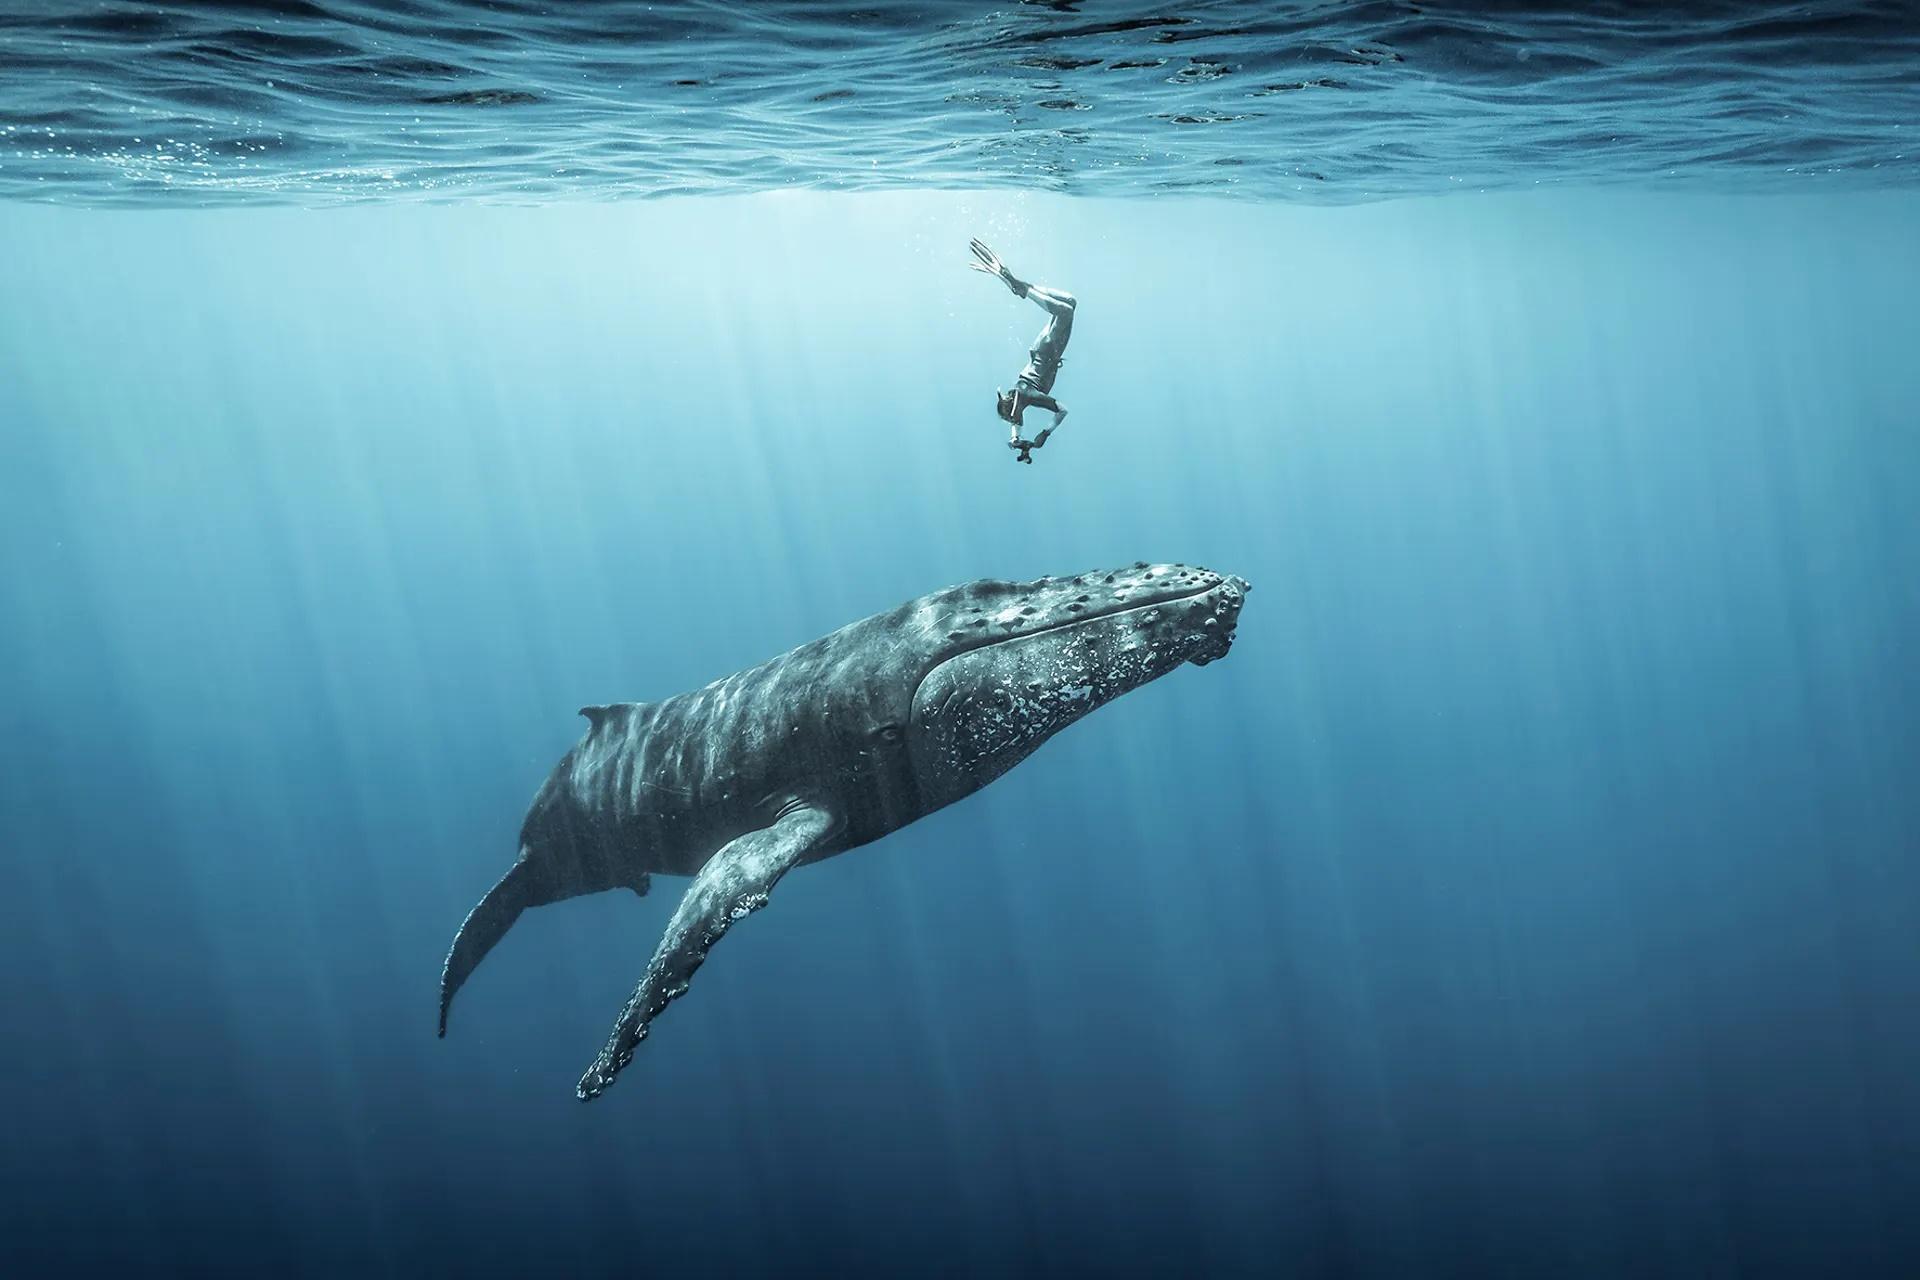 Την τρίτη θέση στην κατηγορία «Εξερευνητής Φωτογράφος Ωκεανού» πήρε η φωτογραφία που δείχνει έναν δύτη να έχει πλησιάσει μια μεγάπτερη φάλαινα στο νησί Réunion στον Ινδικό Ωκεανό